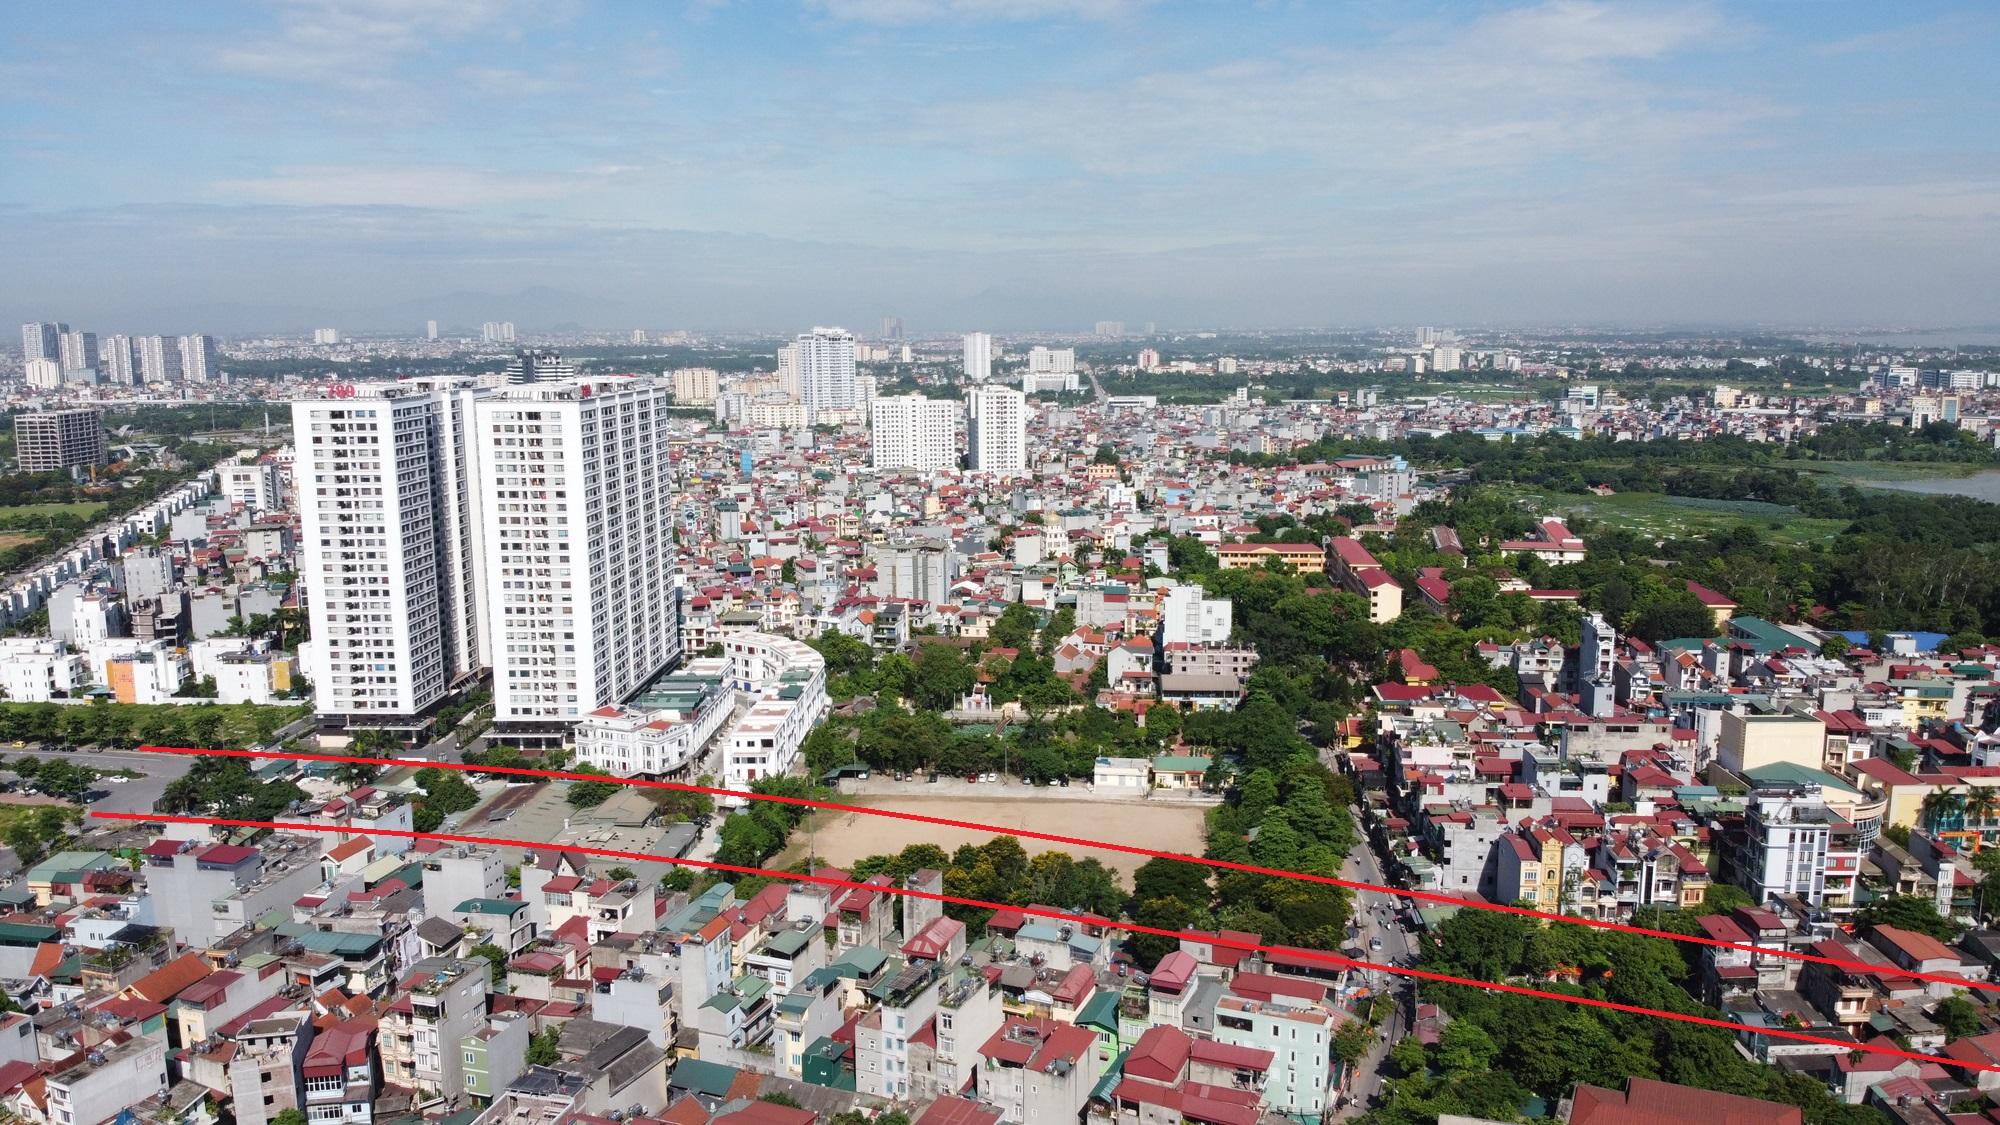 Kế hoạch sử dụng đất phường Xuân Tảo, Bắc Từ Liêm, Hà Nội năm 2021 - Ảnh 1.